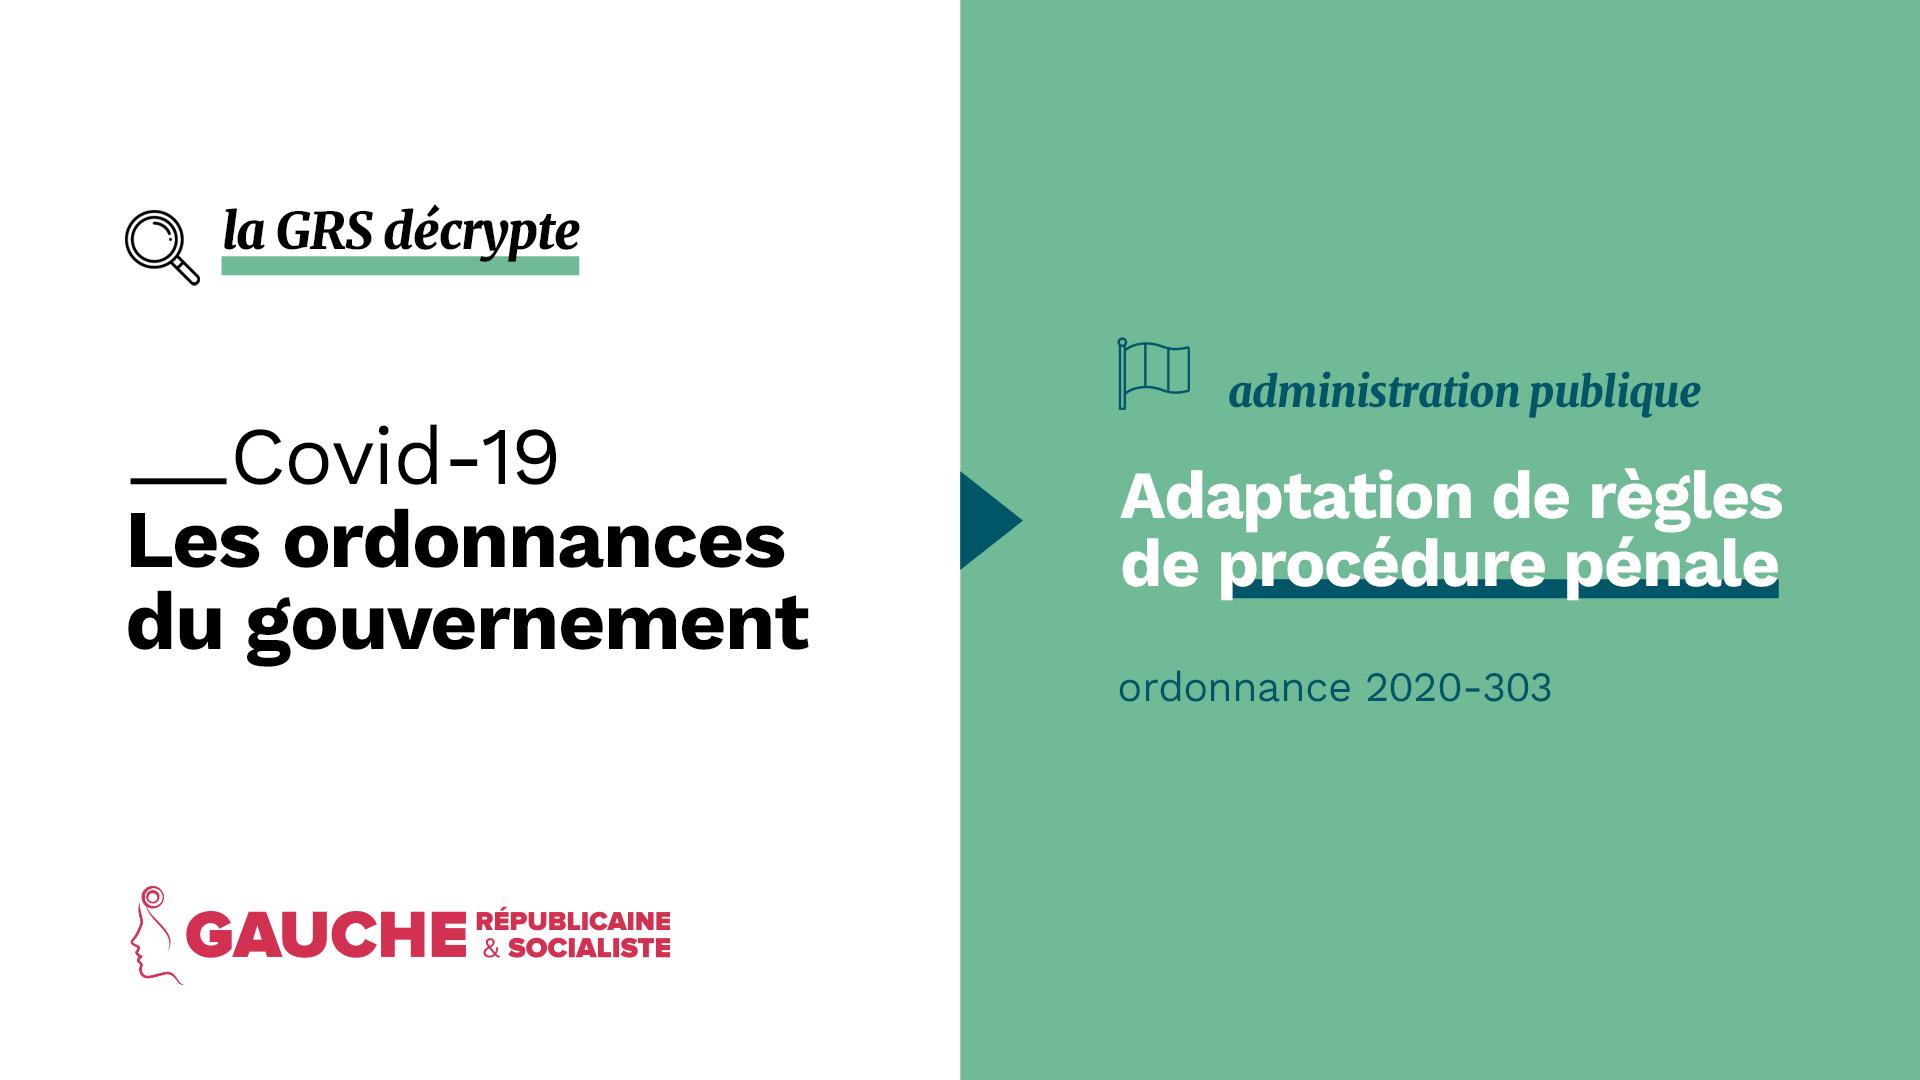 Ordonnance n° 2020-303 du 25 mars 2020 portant adaptation de règles de procédure pénale